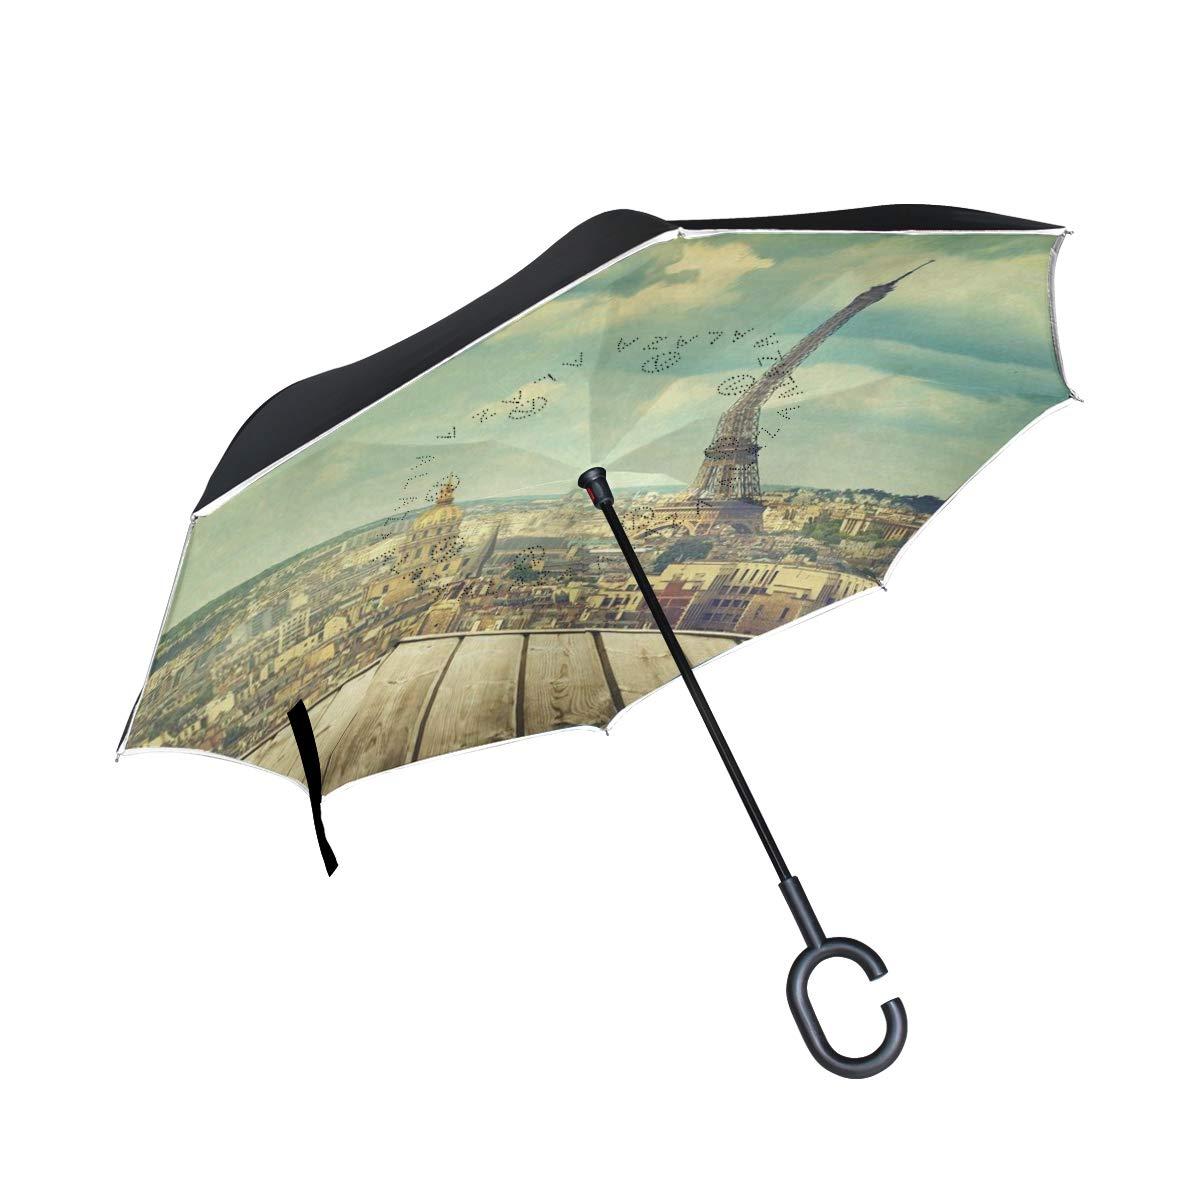 All agree 反転傘 かわいい漫画の猫 逆さ傘 UV保護 防風 車 雨 太陽 アウトドア ブラック One Size カラー6 B07MN95NFR